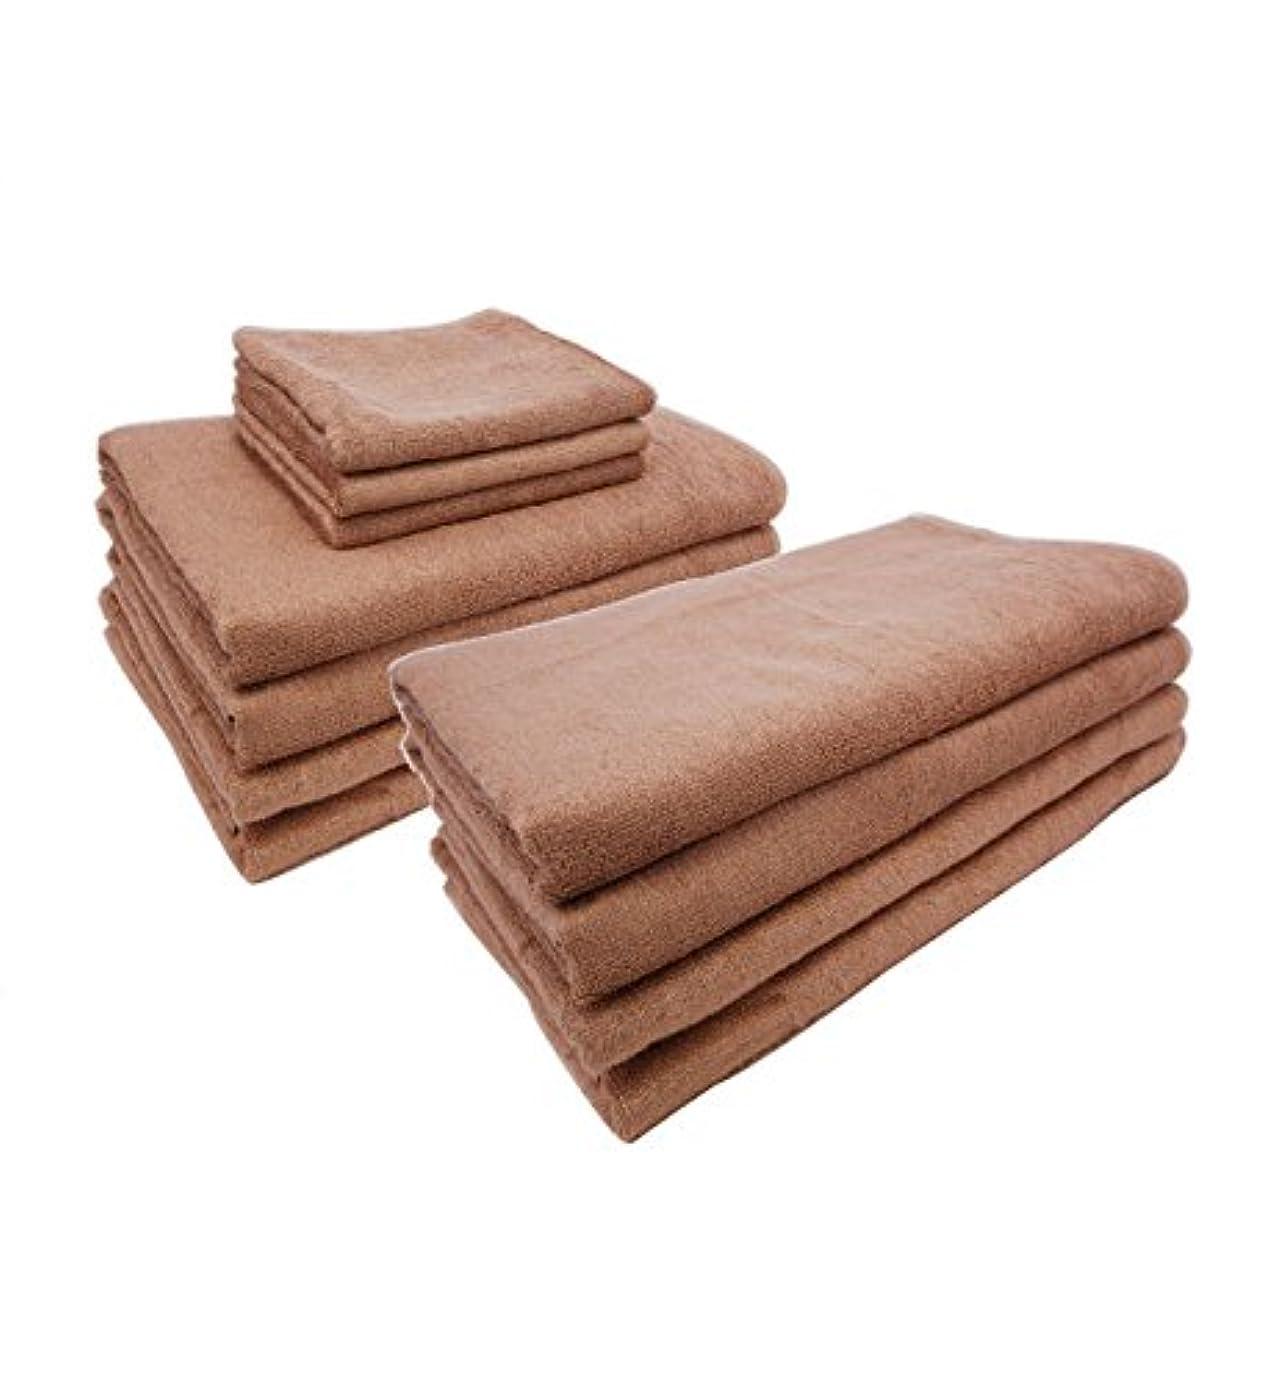 格差ラッシュ椅子まとめ売り やわらか バンブー 竹繊維 タオルシーツ (ソフトベージュ 10枚) 110×210cm 竹タオル 業務用タオル